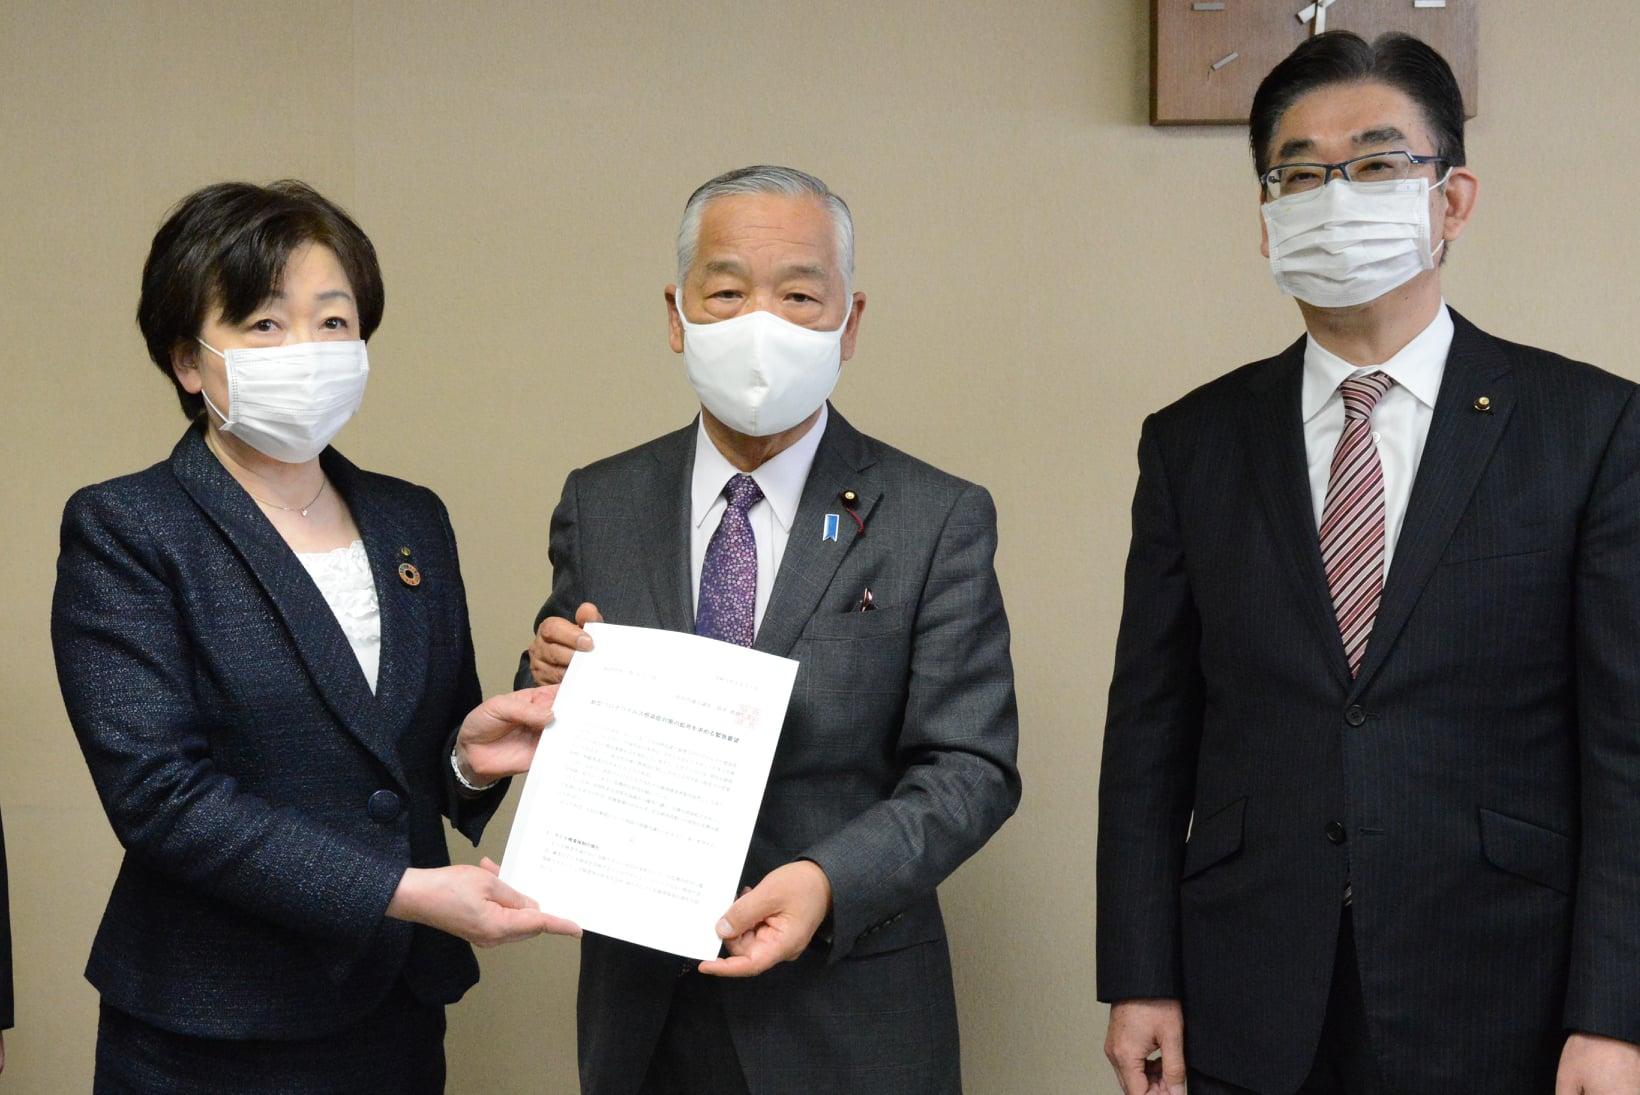 令和3年3月31日  郡仙台市長に対し、仙台市議会主要各会派の代表とともに仙台市議会議長として、新型コロナウイルスの感染症対策の拡充を求める緊急要望をおこないました。